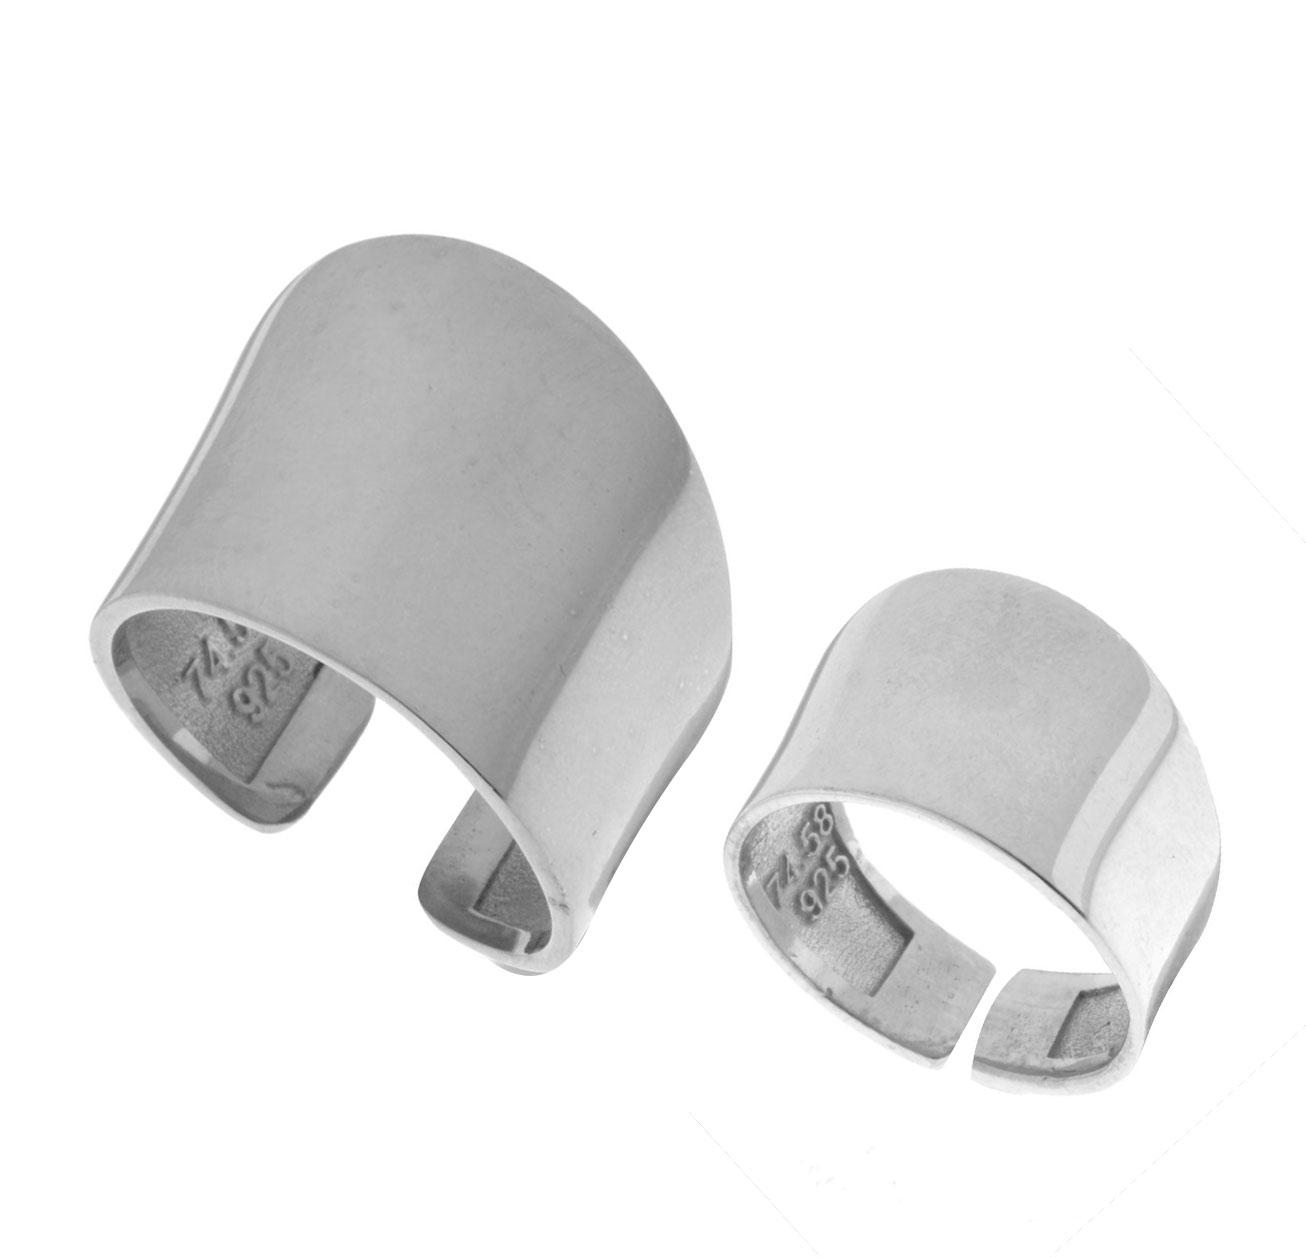 Δύο Χειροποίητα μοντέρνα δαχτυλίδια Σέτ από ασήμι One size ce7addf2cb4